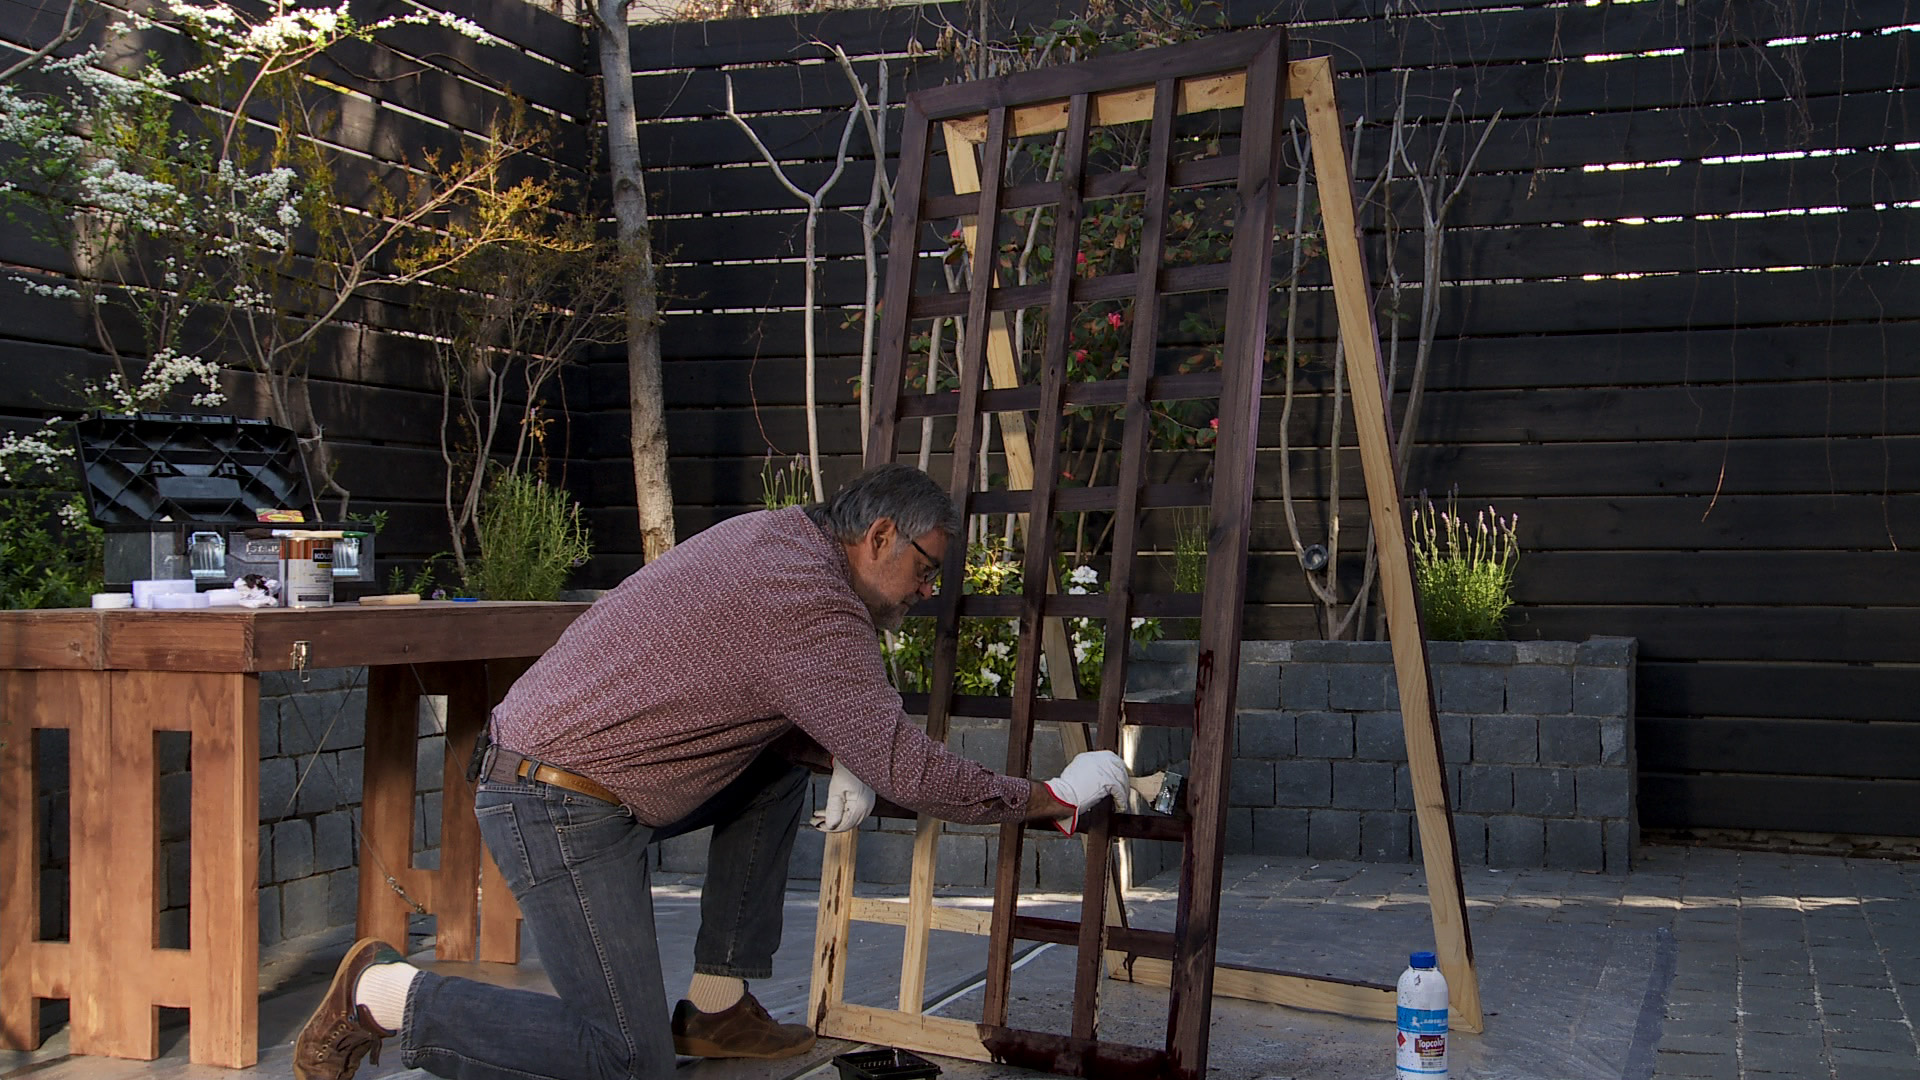 Hágalo Usted Mismo - ¿Cómo construir un cobertizo de madera?